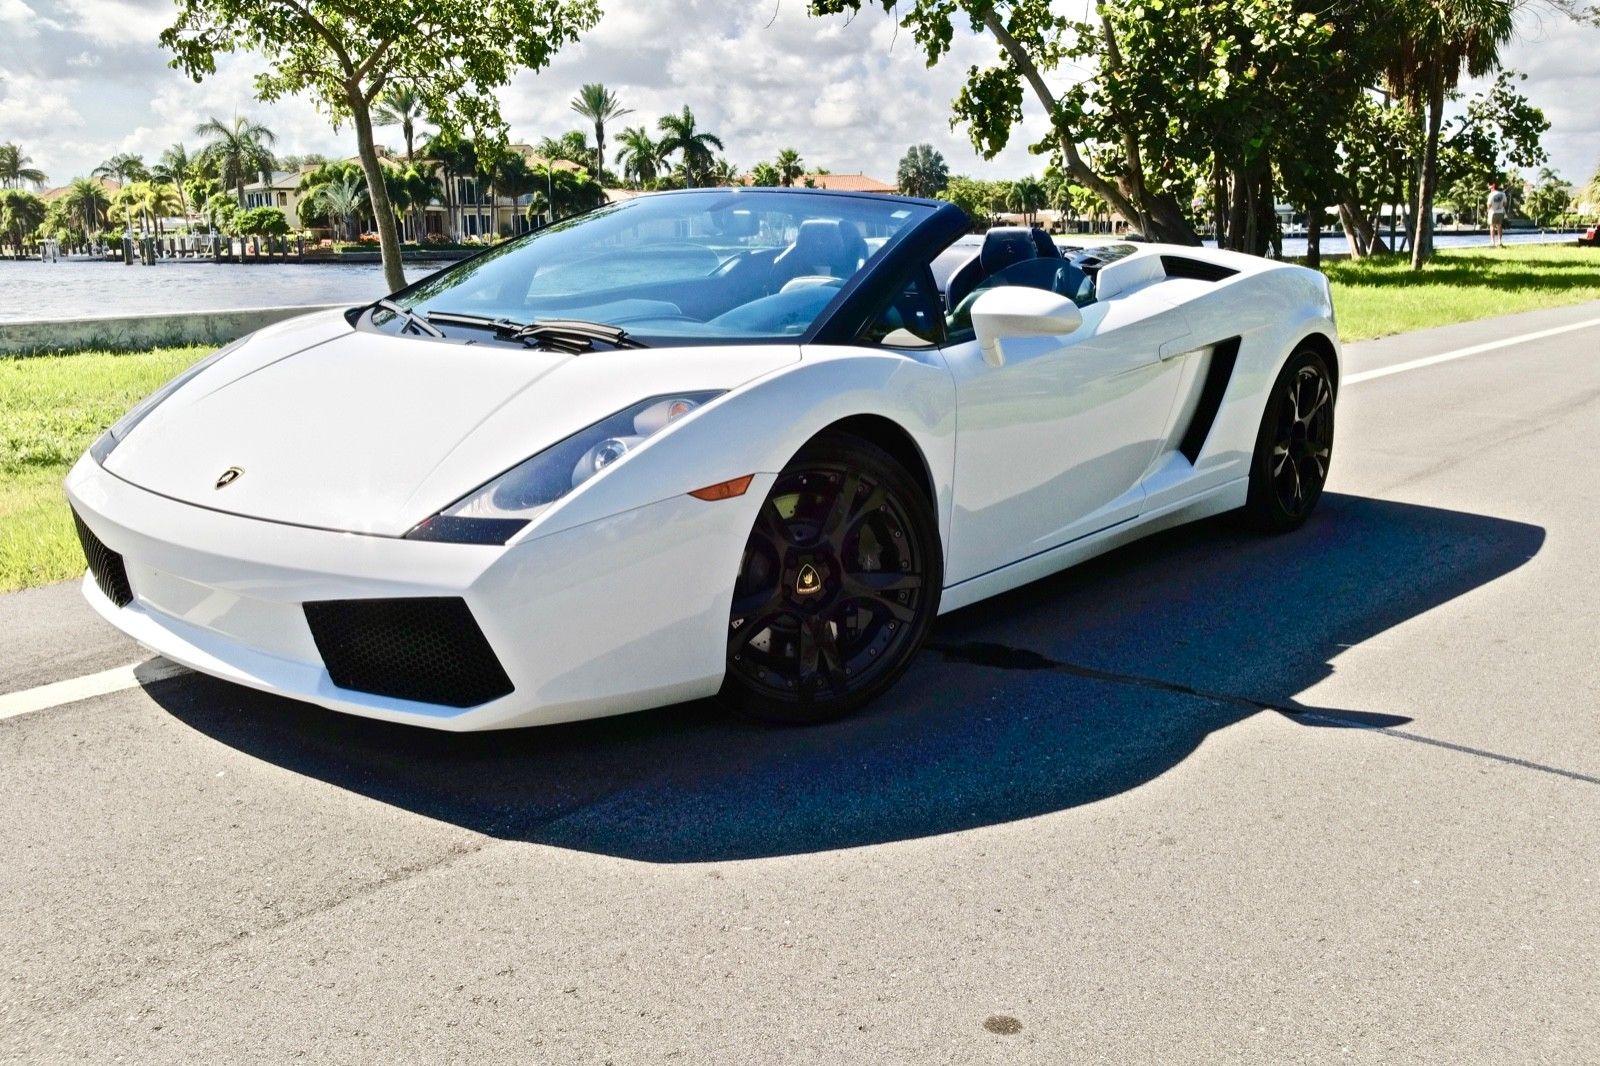 Amazing 2008 Lamborghini Gallardo Spyder 2008 Lamborghini Gallardo